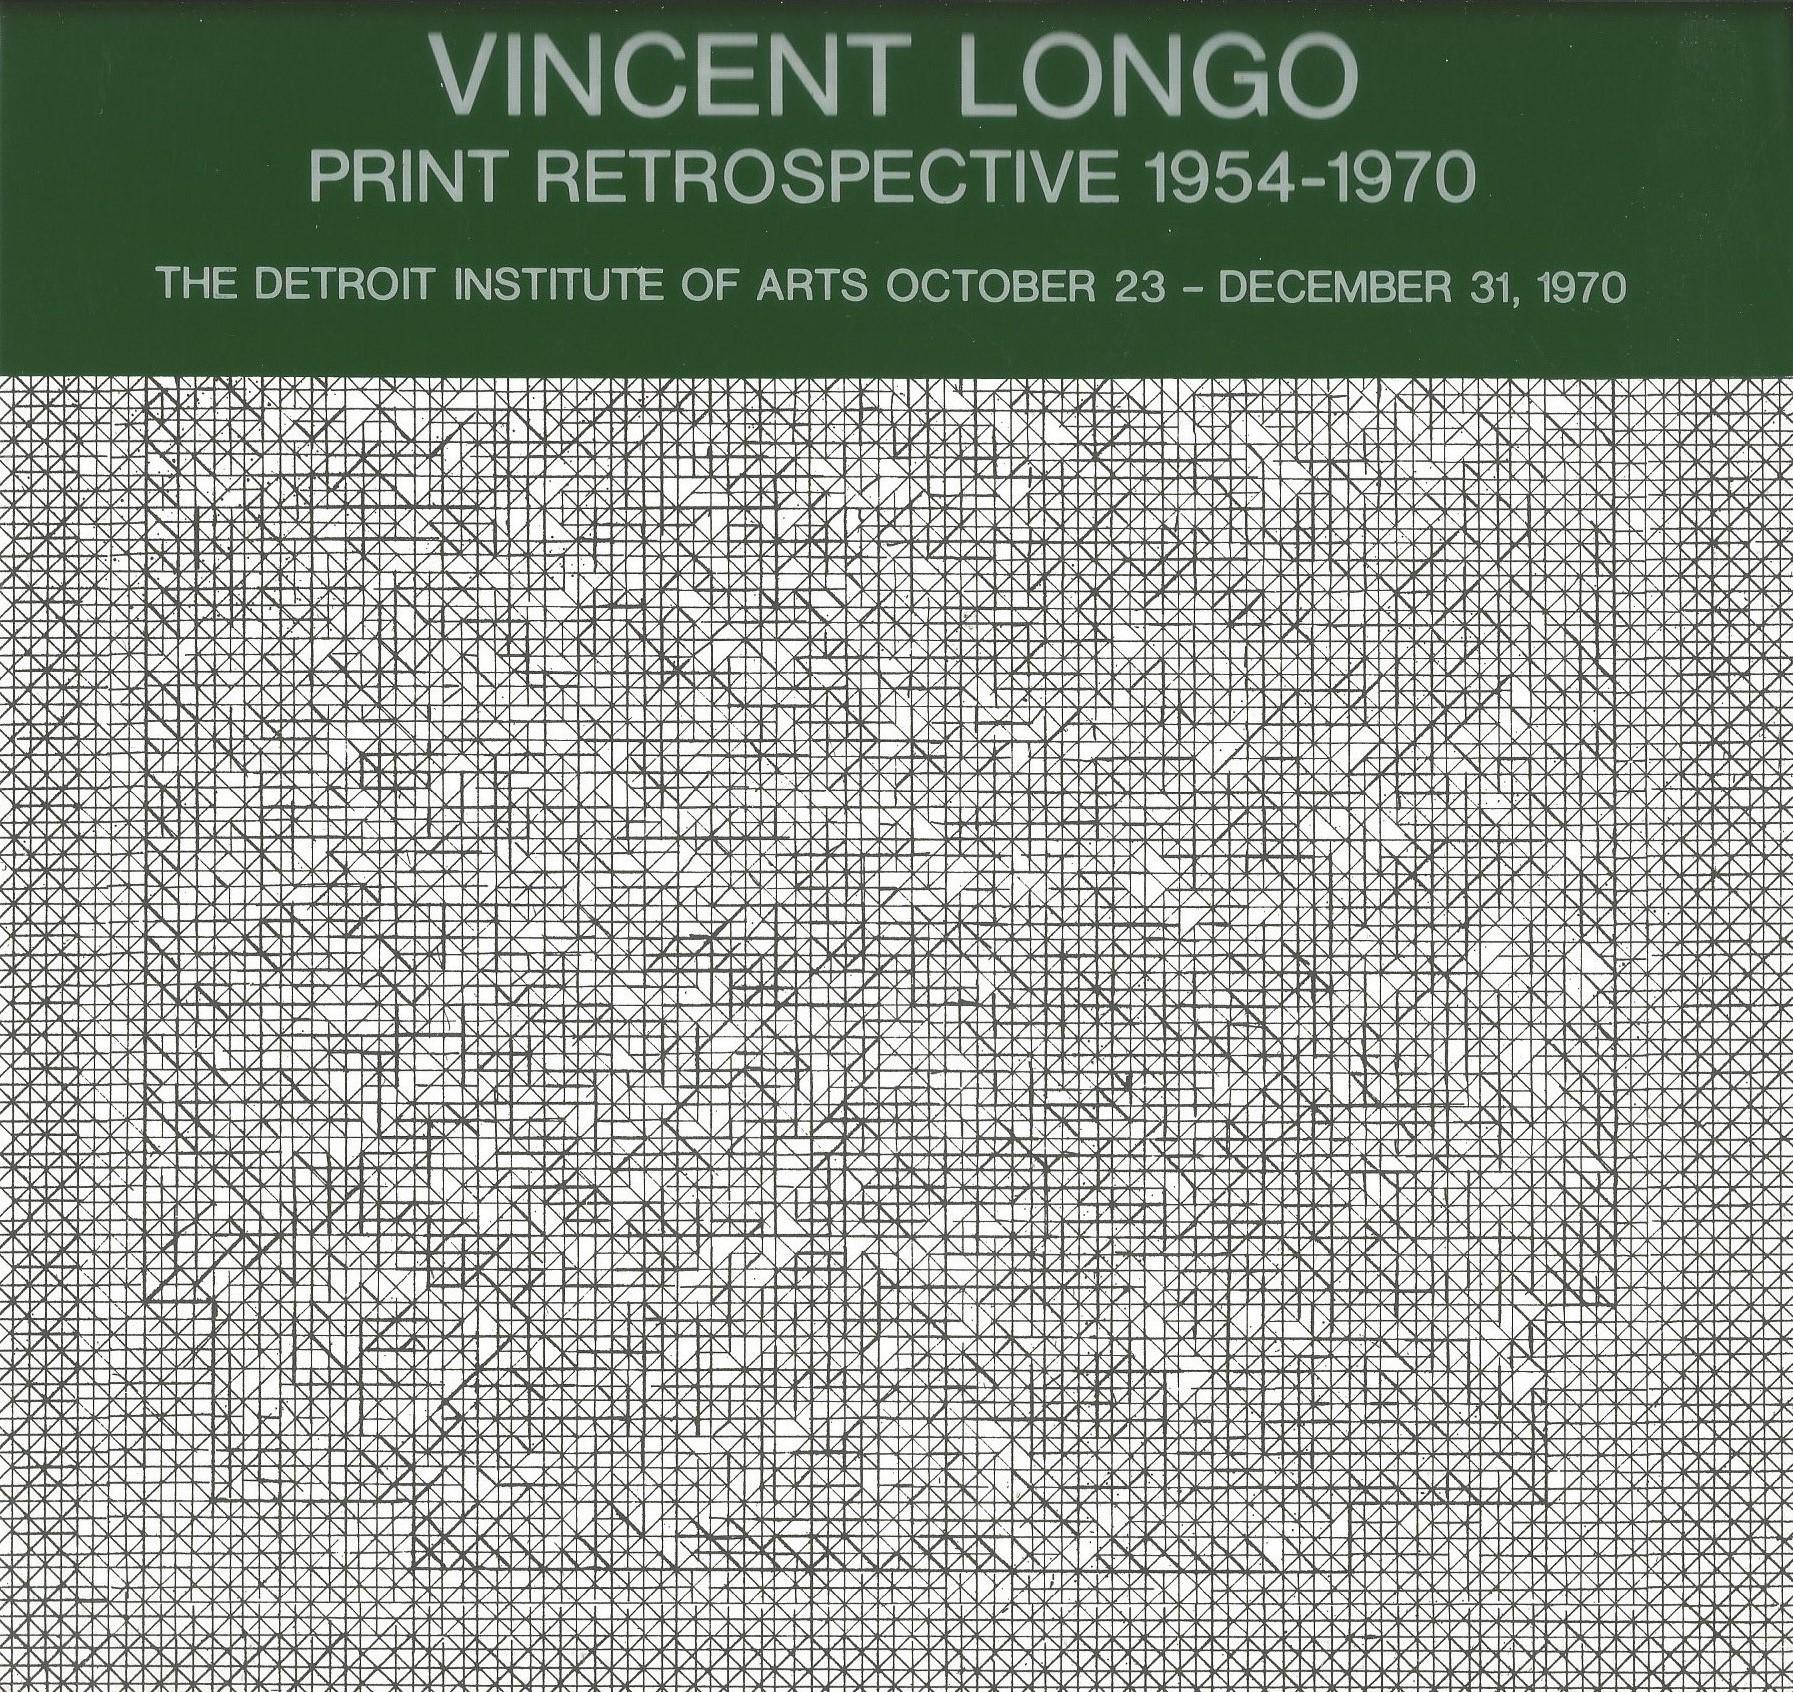 VINCENT LONGO : Print Retrospective 1954 - 1970